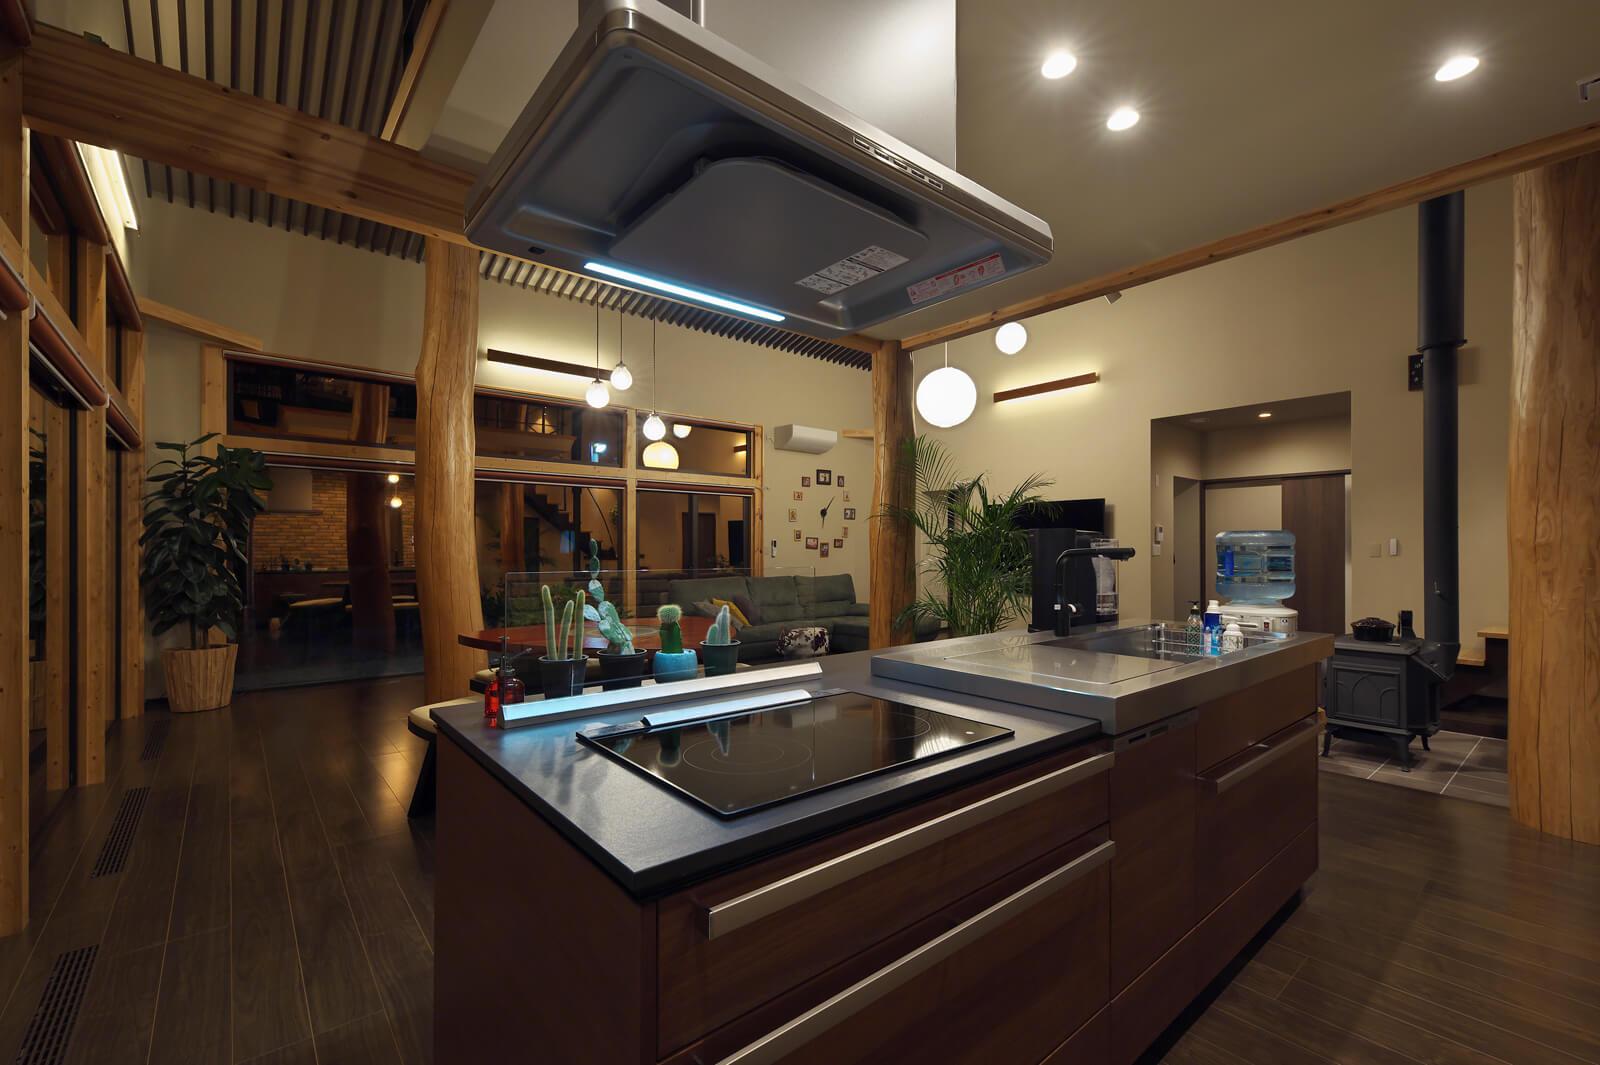 「セラミックと天然木による重厚感のあるデザインに一目ぼれしました。キッチンからはリビングと外の風景を一望でき、開放感も抜群です」と奥さん。キッチンの後ろには、食品庫を設けているので家事導線も便利で使いやすい